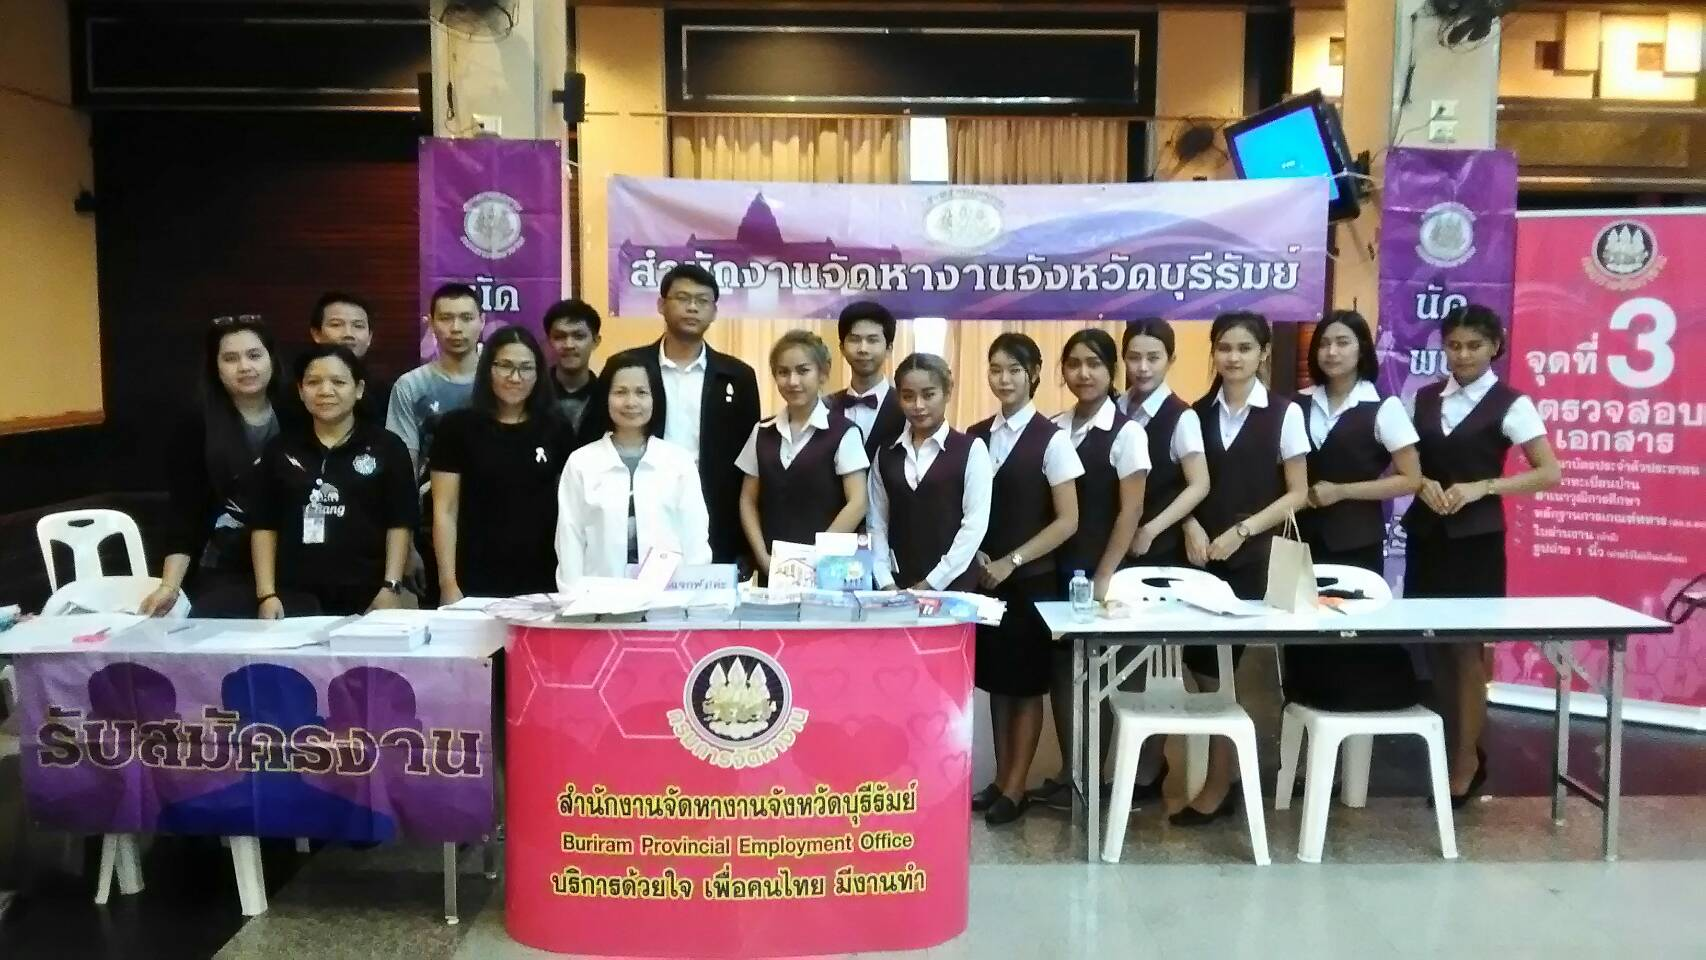 สำนักงานจัดหางานจังหวัดบุรีรัมย์จัดกิจกรรมวันนัดพบแรงงานร่วมกับมหาวิทยาลัยราชภัฏบุรีรัมย์